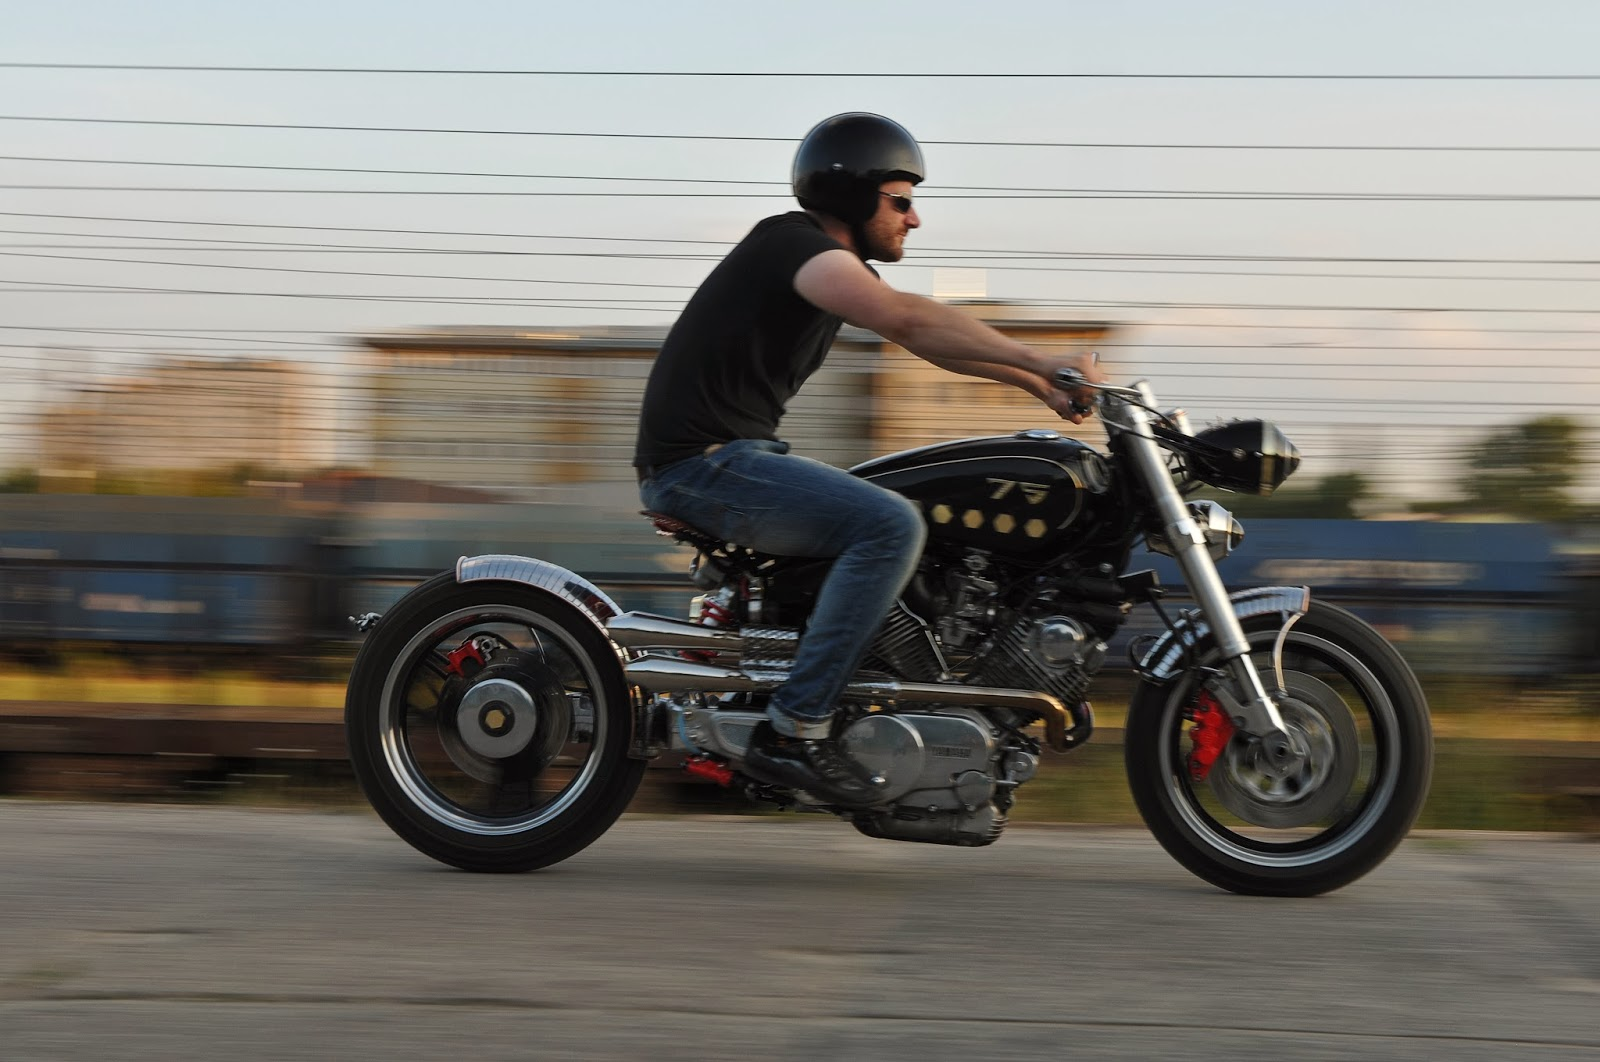 Yamaha Virago Bobber | Custom Yamaha XV750 | Custom Yamaha Virago 750 | Yamaha Virago Bobber parts | Yamaha XV750 Bobber | Custom Yamaha Virago Bobber by Wojtek Spyra | way2speed.com